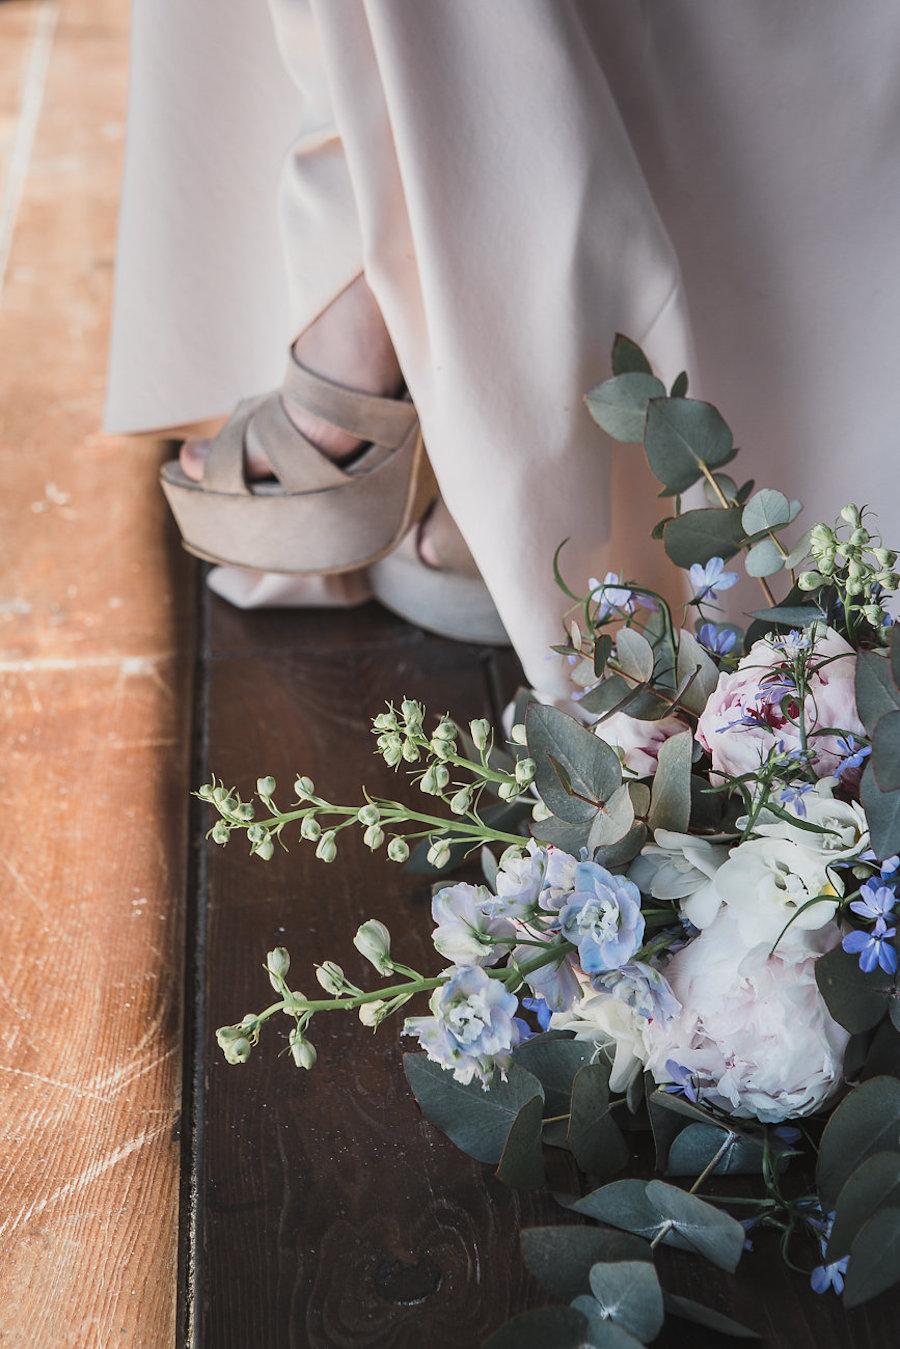 matrimonio-rose-quartz-e-serenity-di-luce-e-dombra-studio-fotografico-14